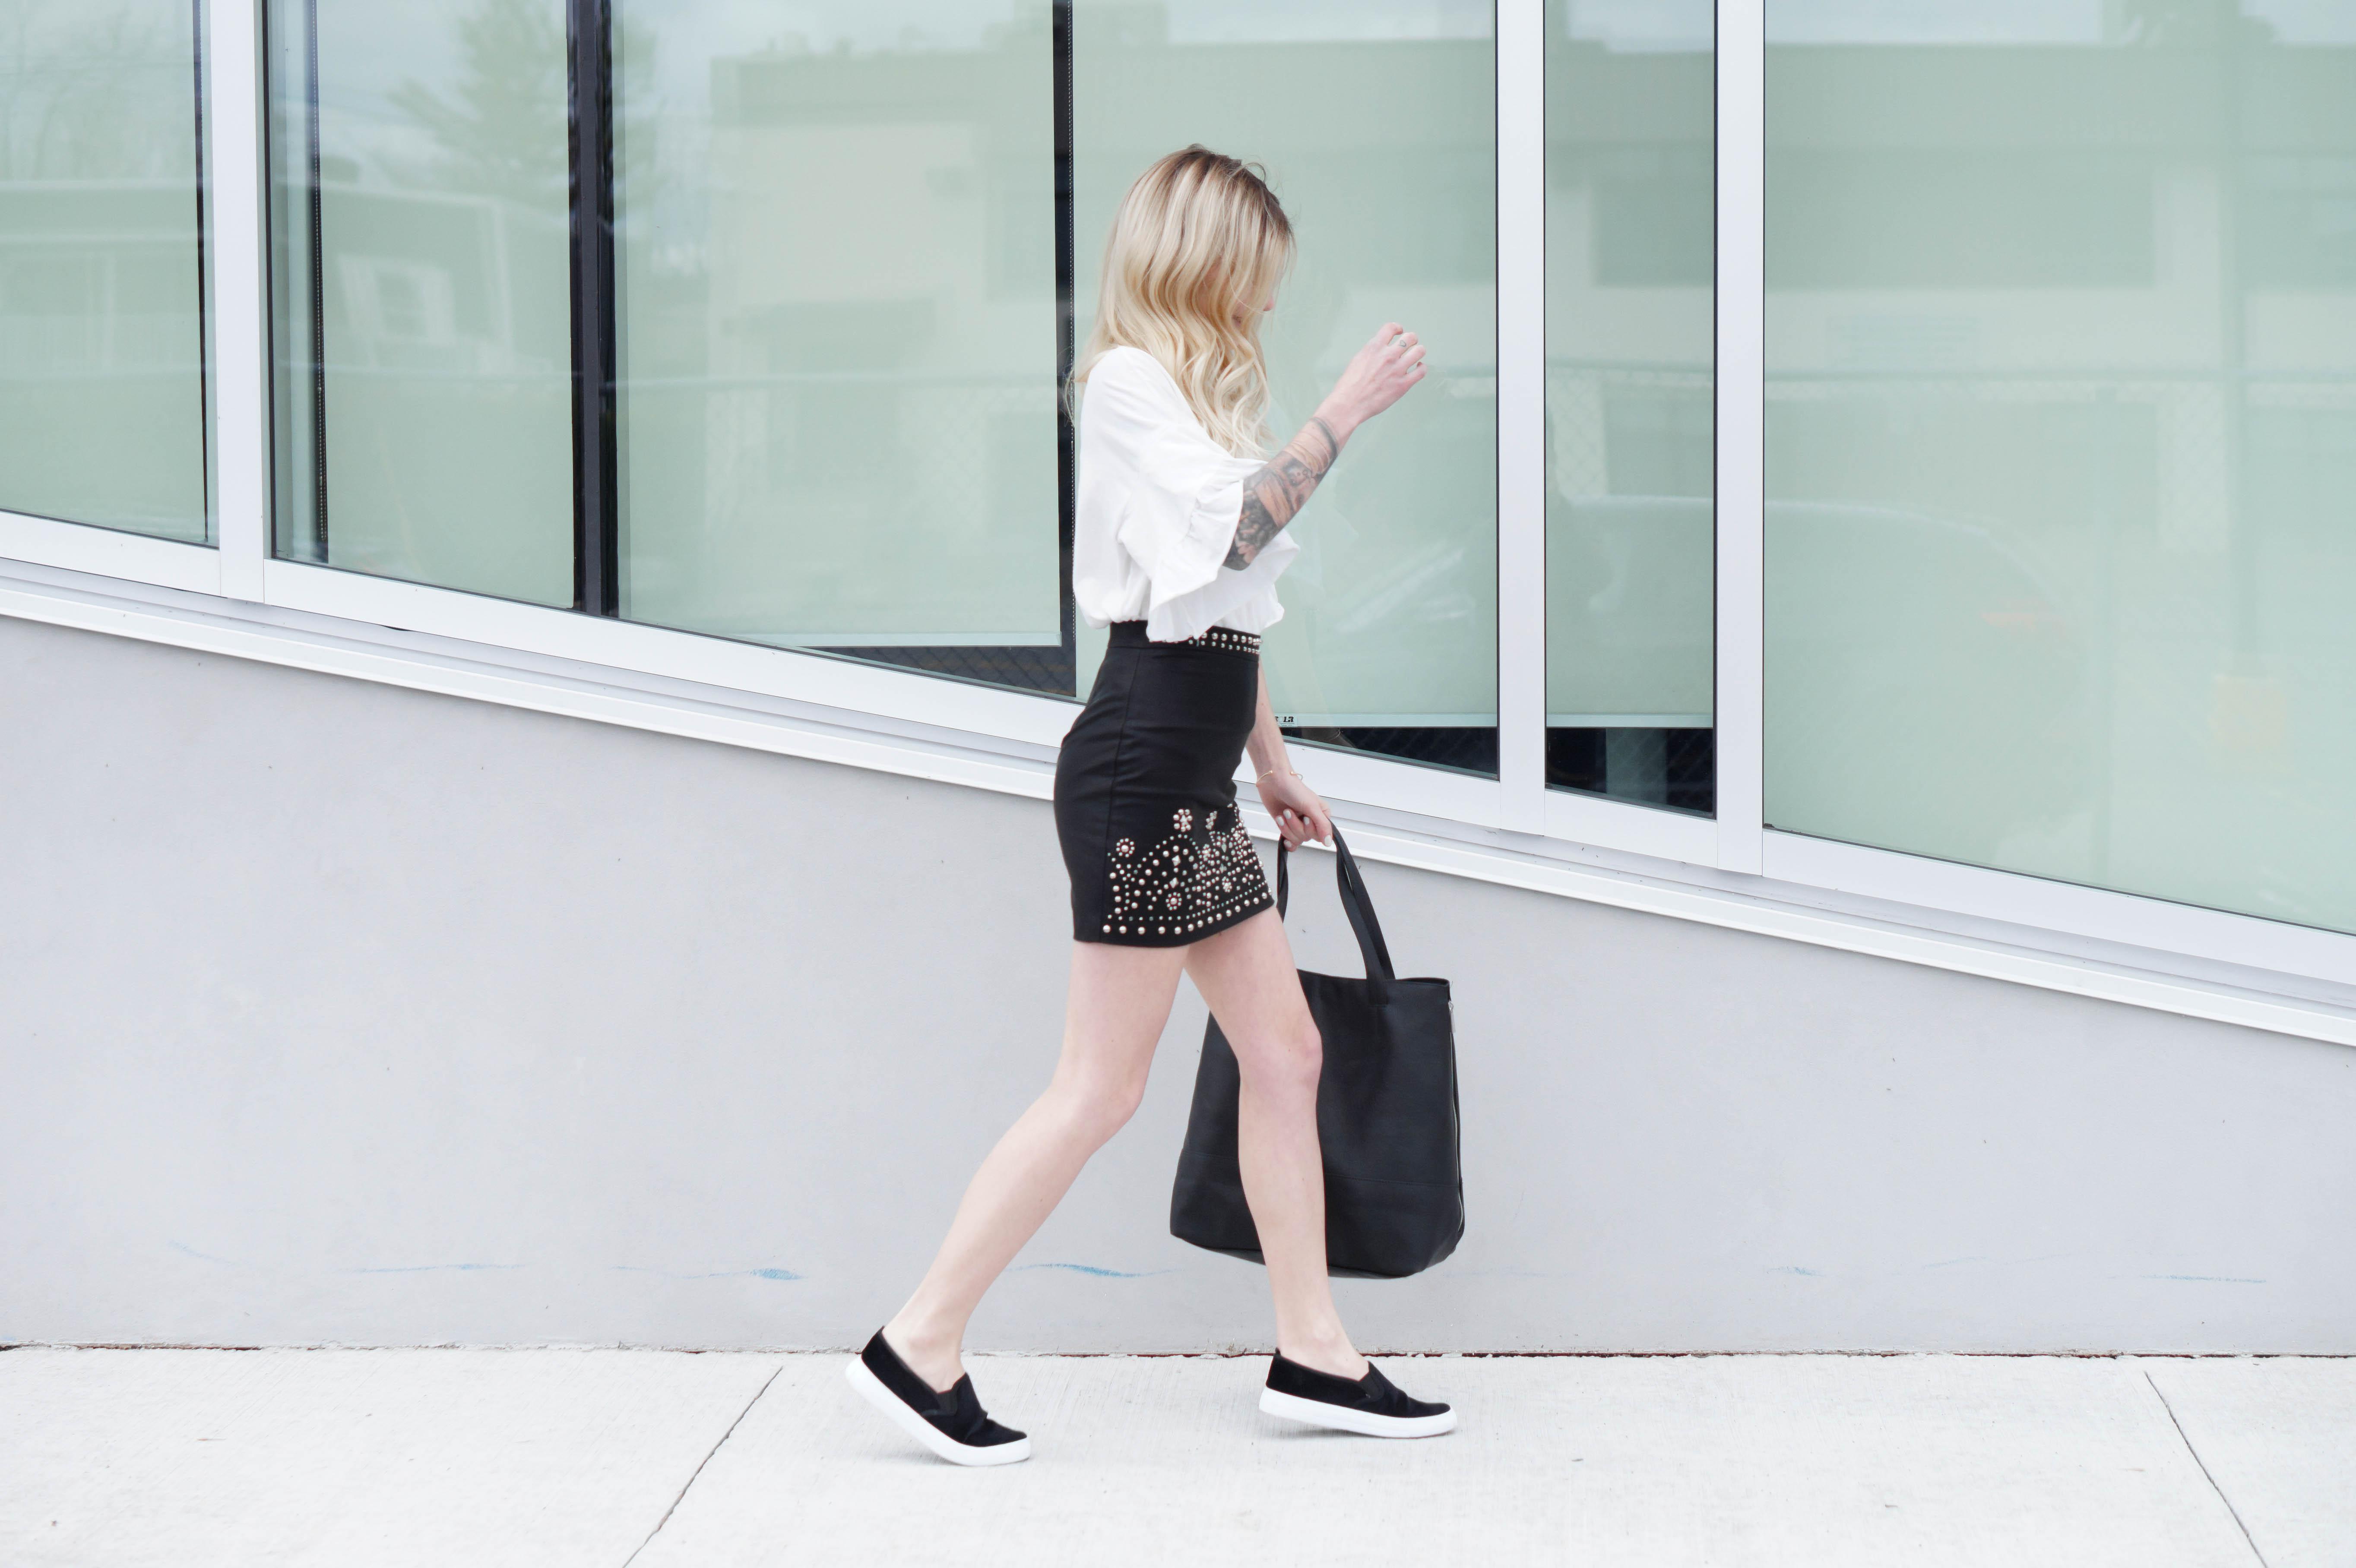 Skirt + Slip-ons